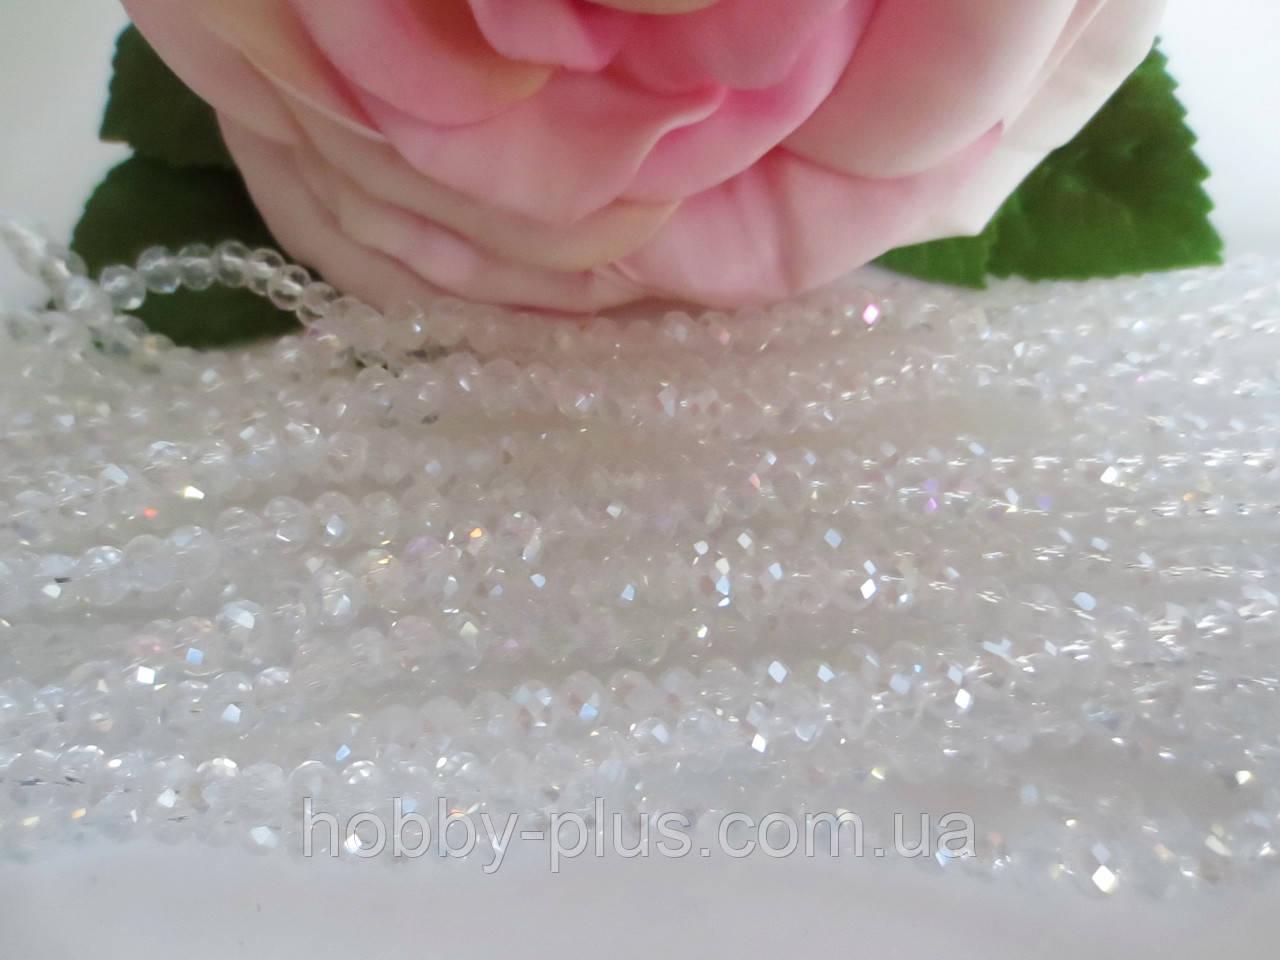 Бусины хрустальные 2х2 мм, 180-190 шт, цвет белый (прозрачный)